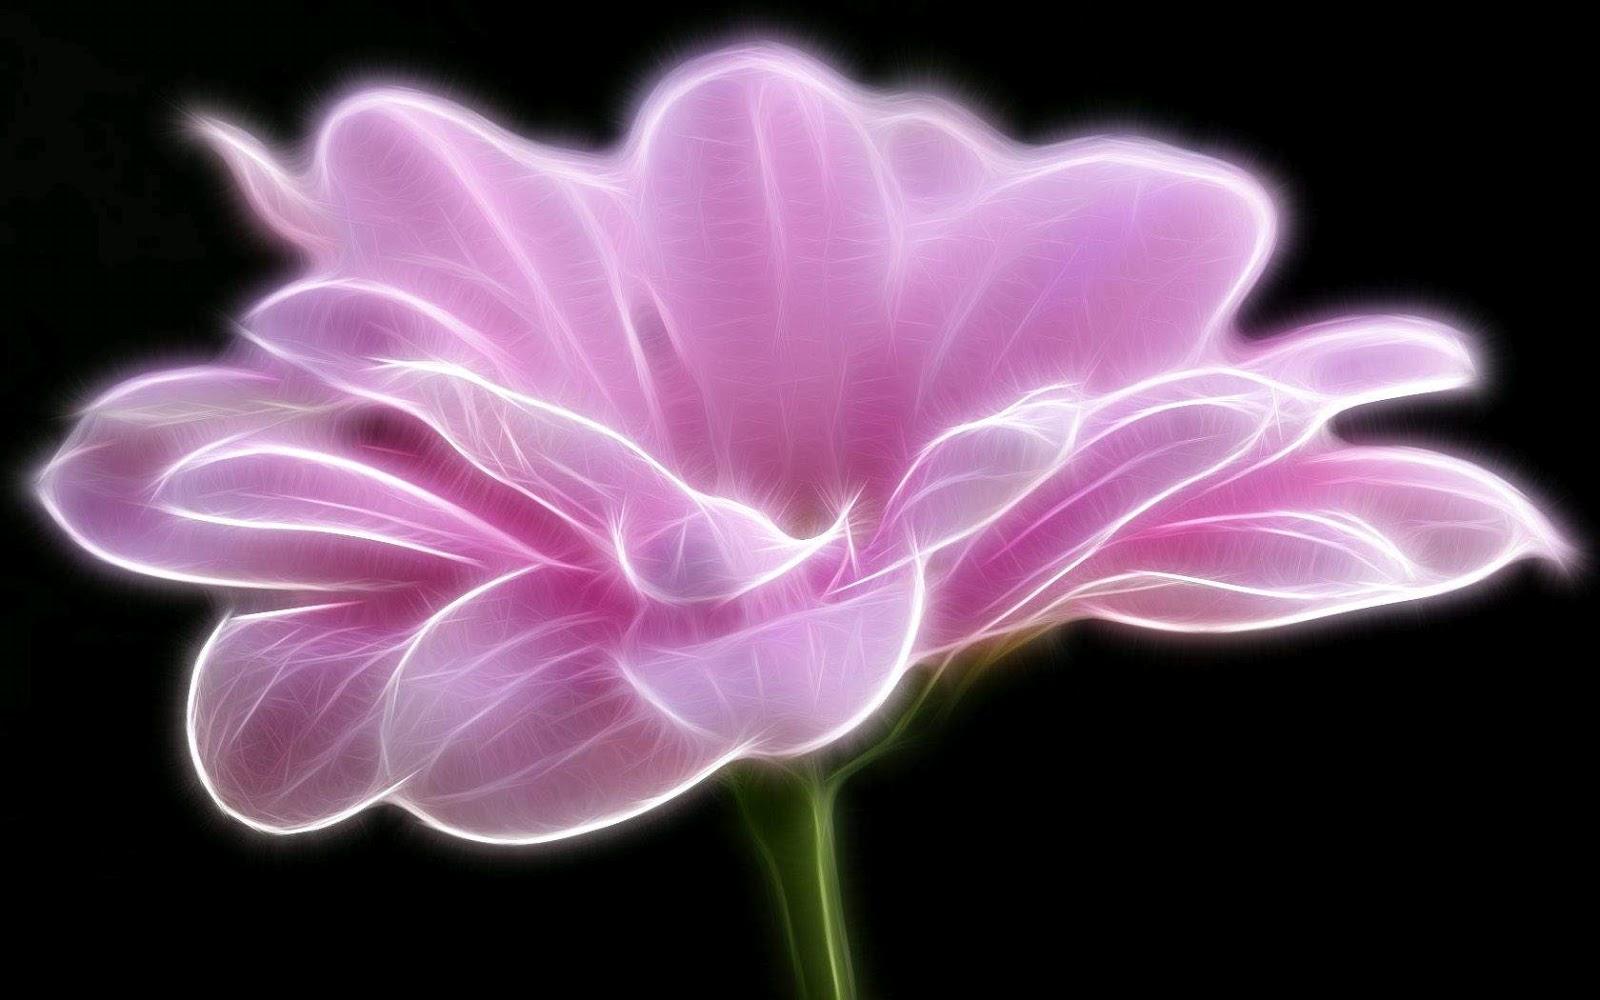 Pink and Black Flower Wallpaper - WallpaperSafari